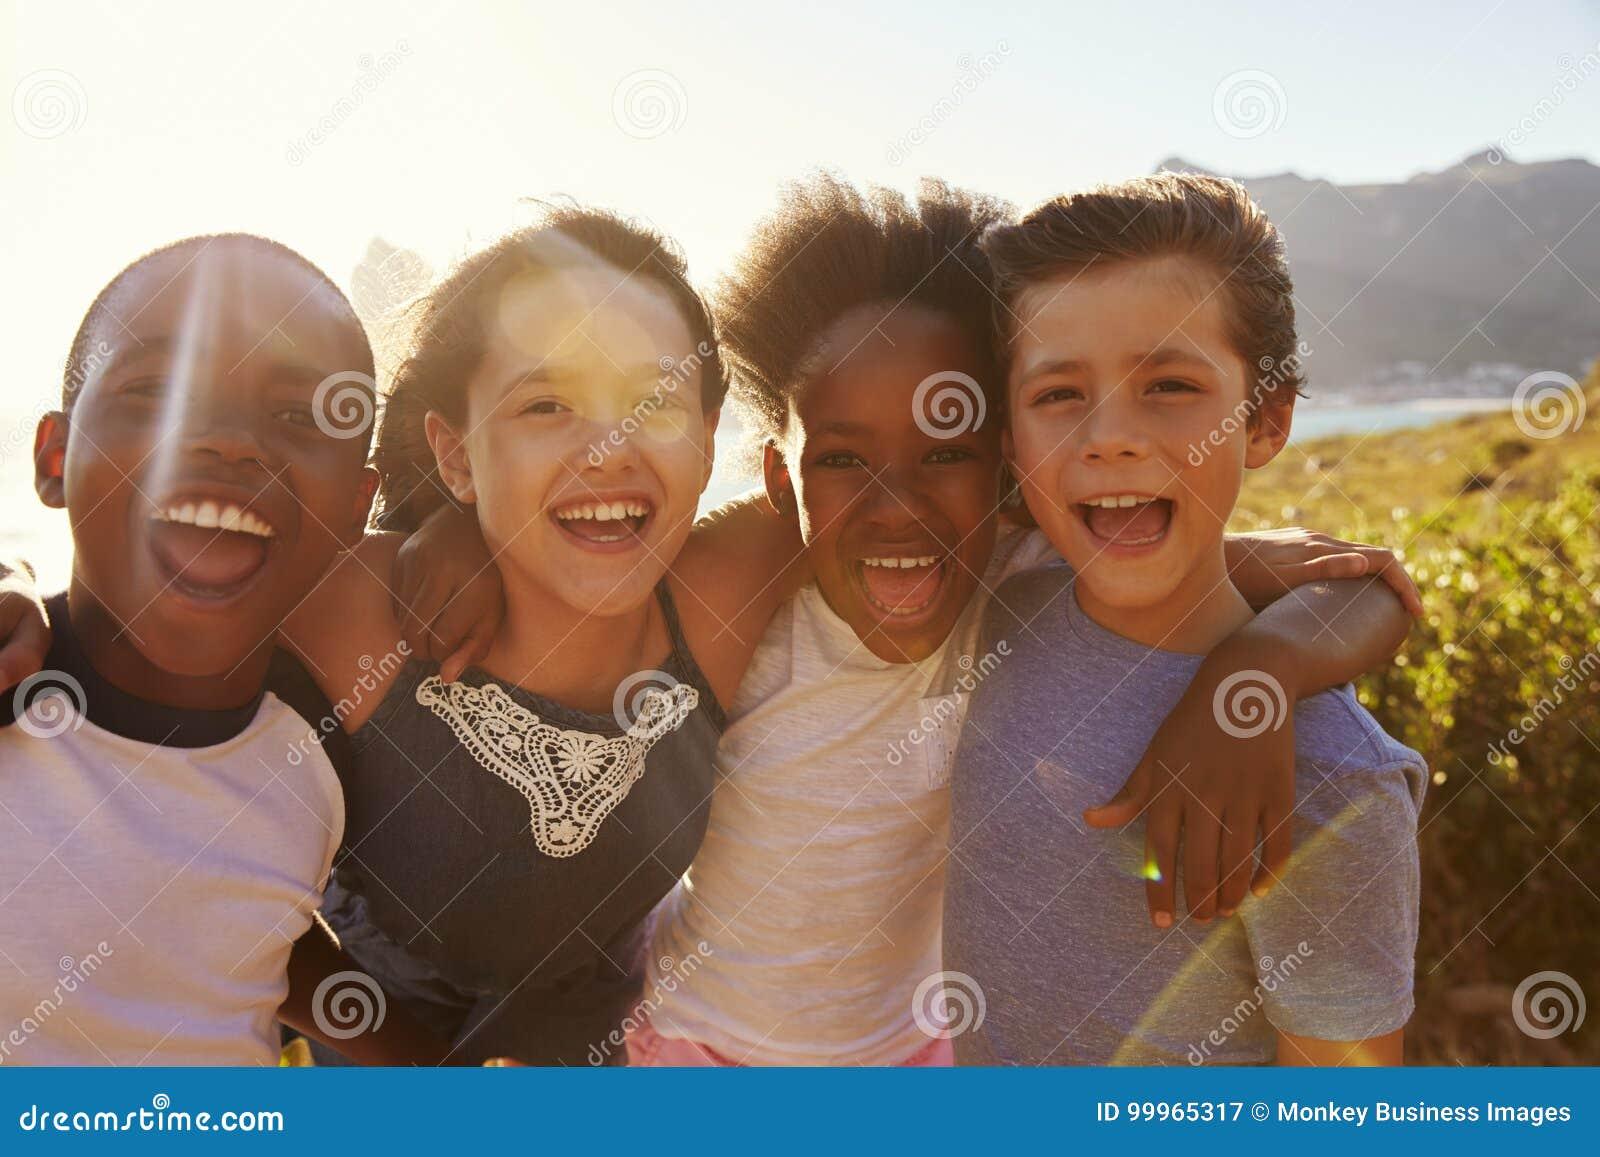 Retrato de los niños sonrientes que defienden en los acantilados el mar